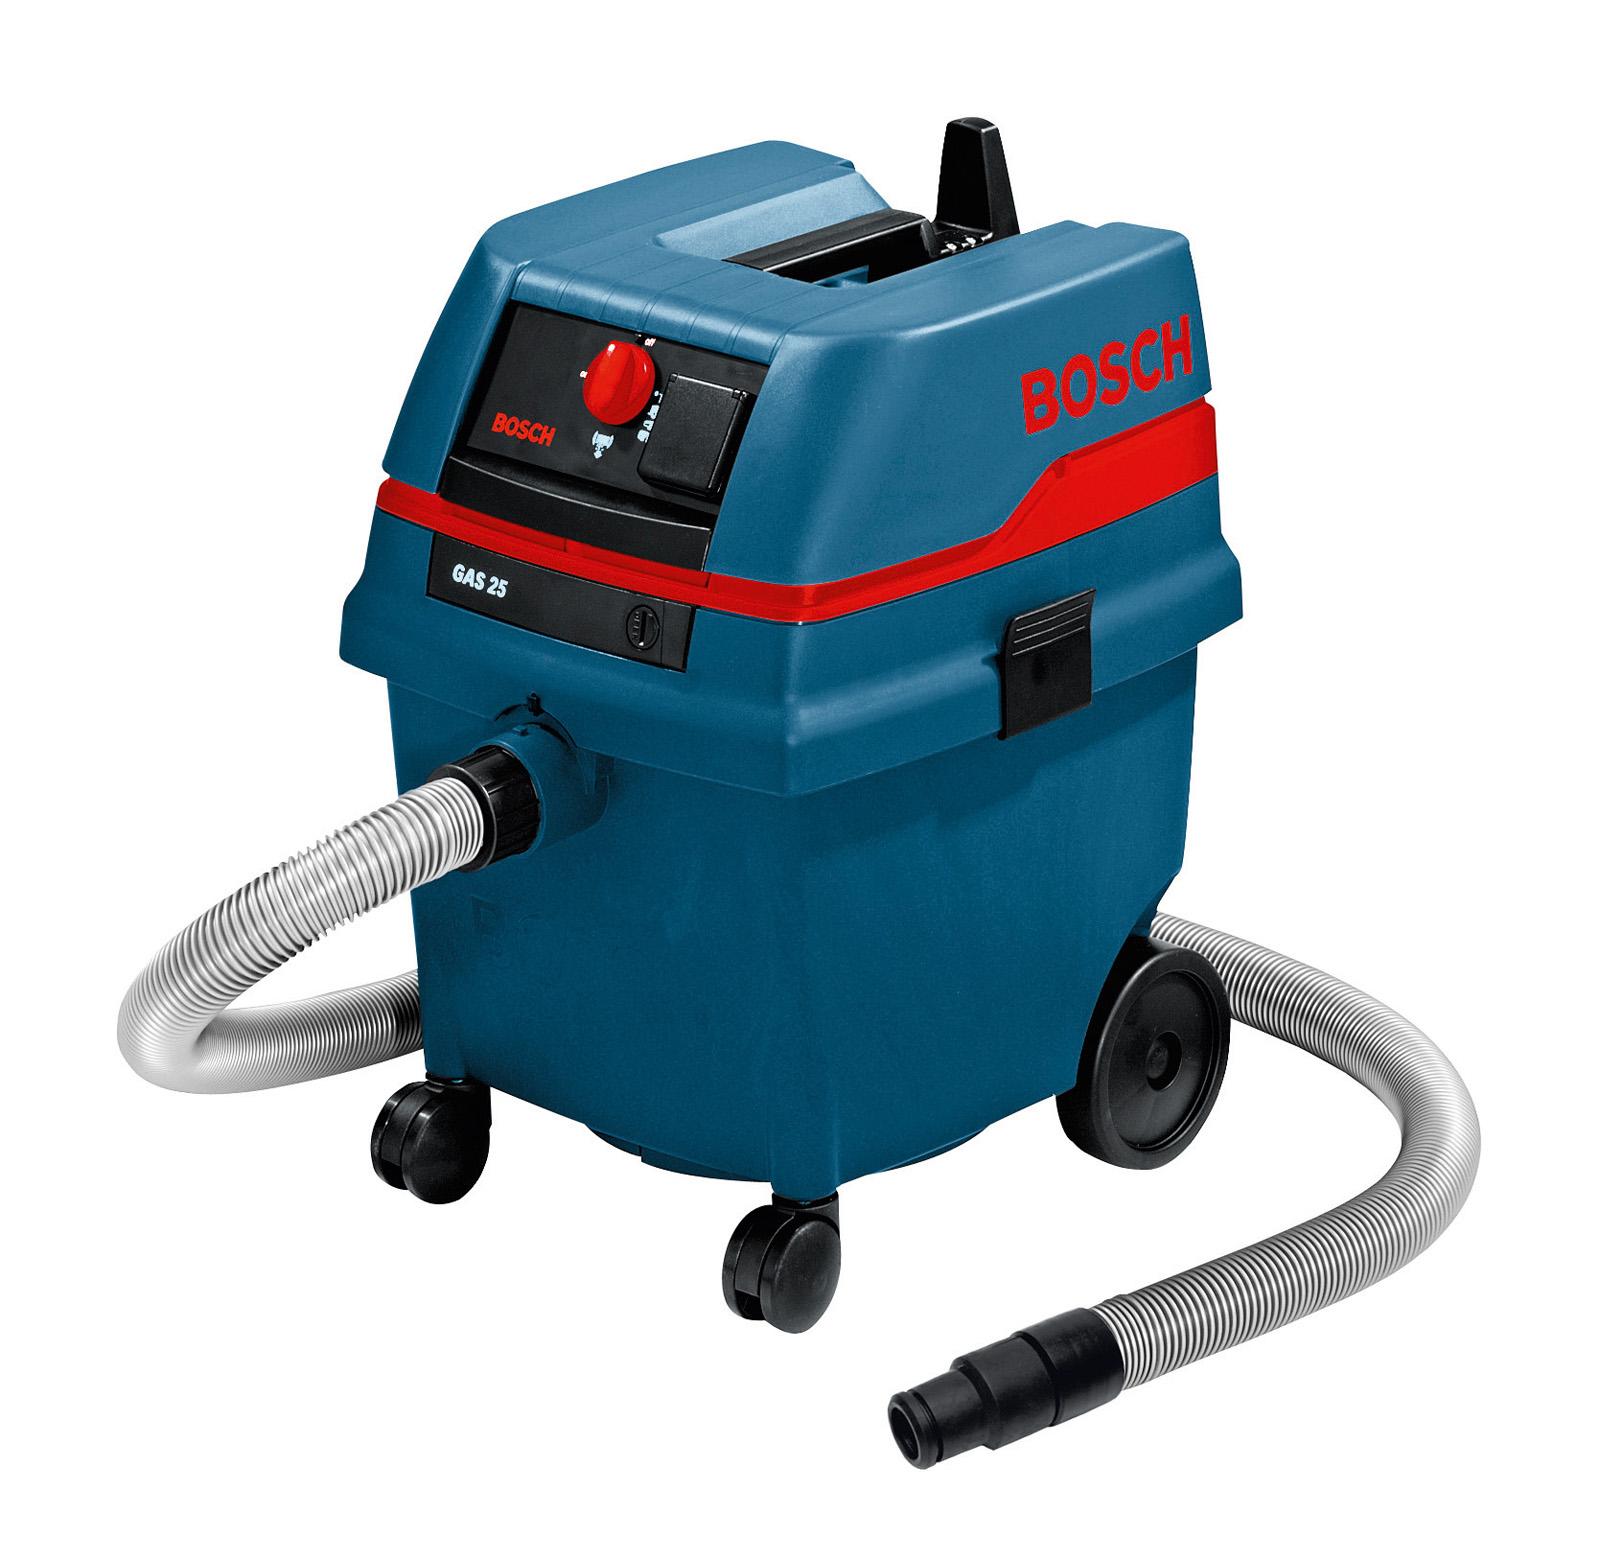 Пылесос Bosch Gas 25 l sfc (0.601.979.103) от 220 Вольт